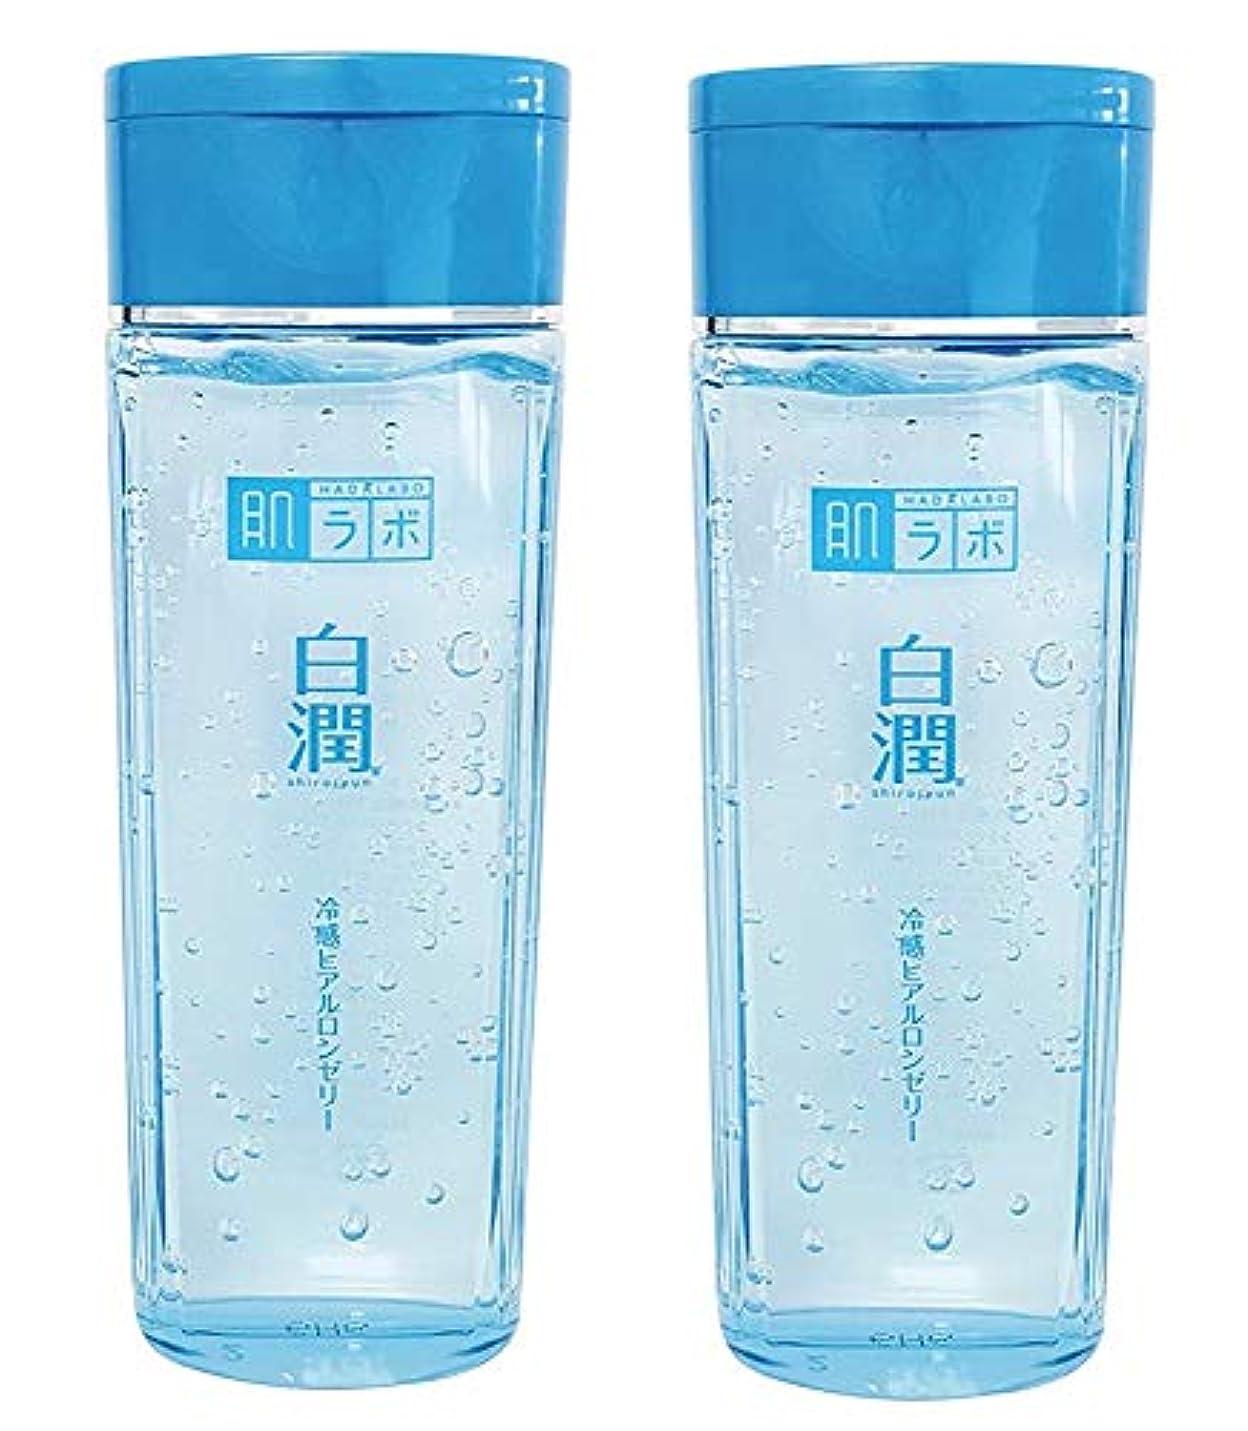 翻訳する打倒方法【まとめ買い】肌ラボ 白潤 冷感ヒアルロンゼリー 化粧水?乳液?美容液?収れん?パックの5役 4つの潤い成分配合 200mL×2個